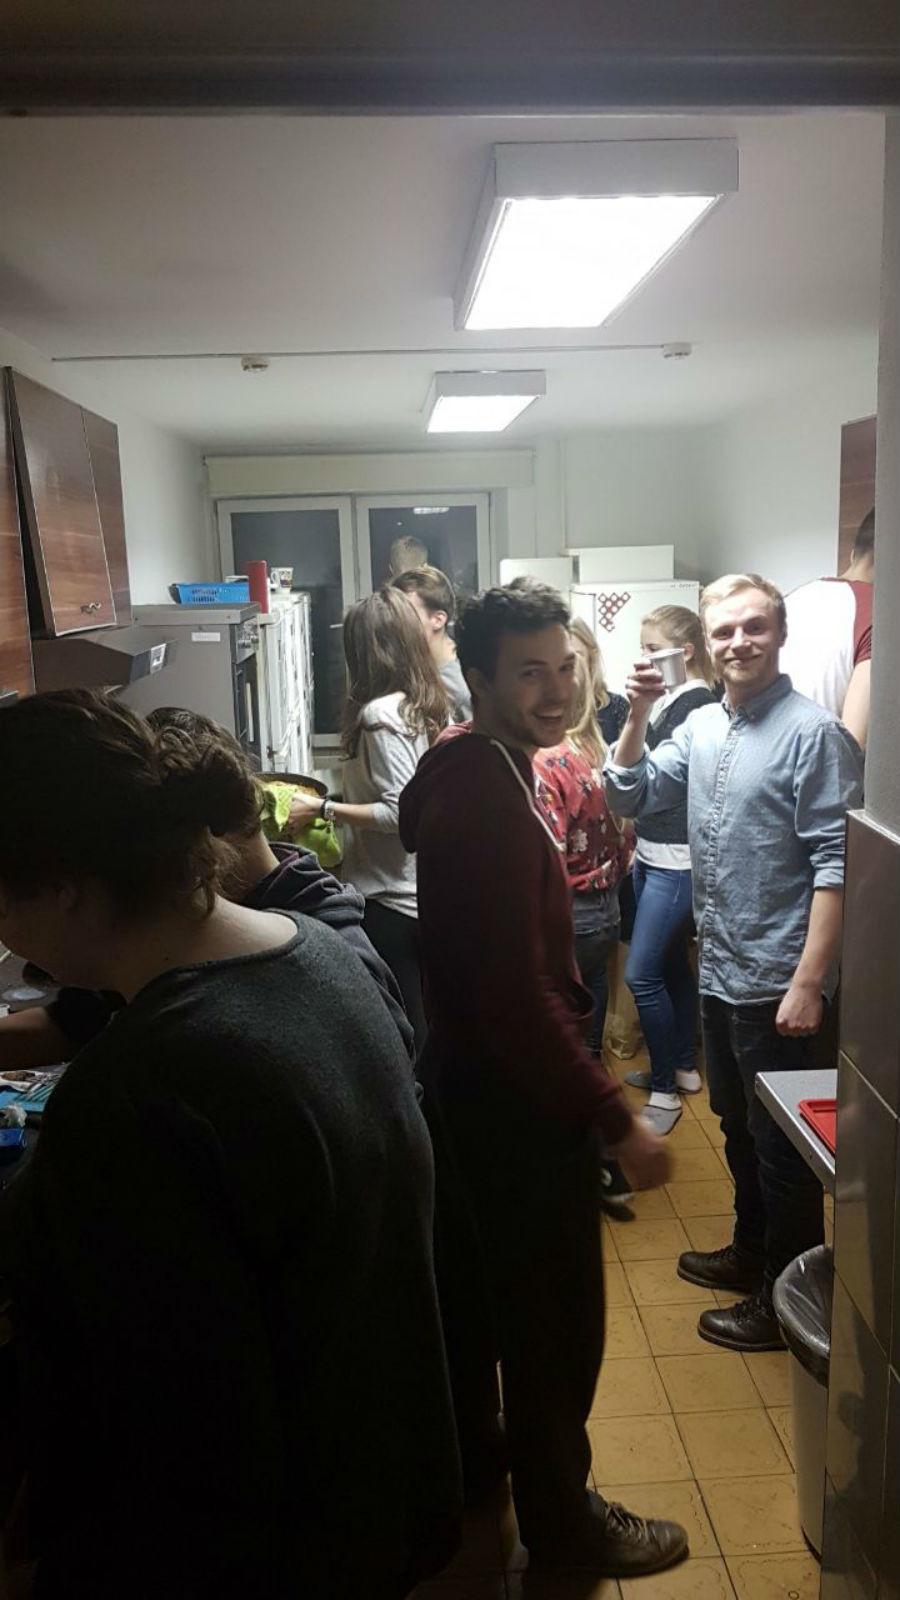 Victor et Benedikt (étudiant allemand) au milieu d'autres étudiants préparant un dîner